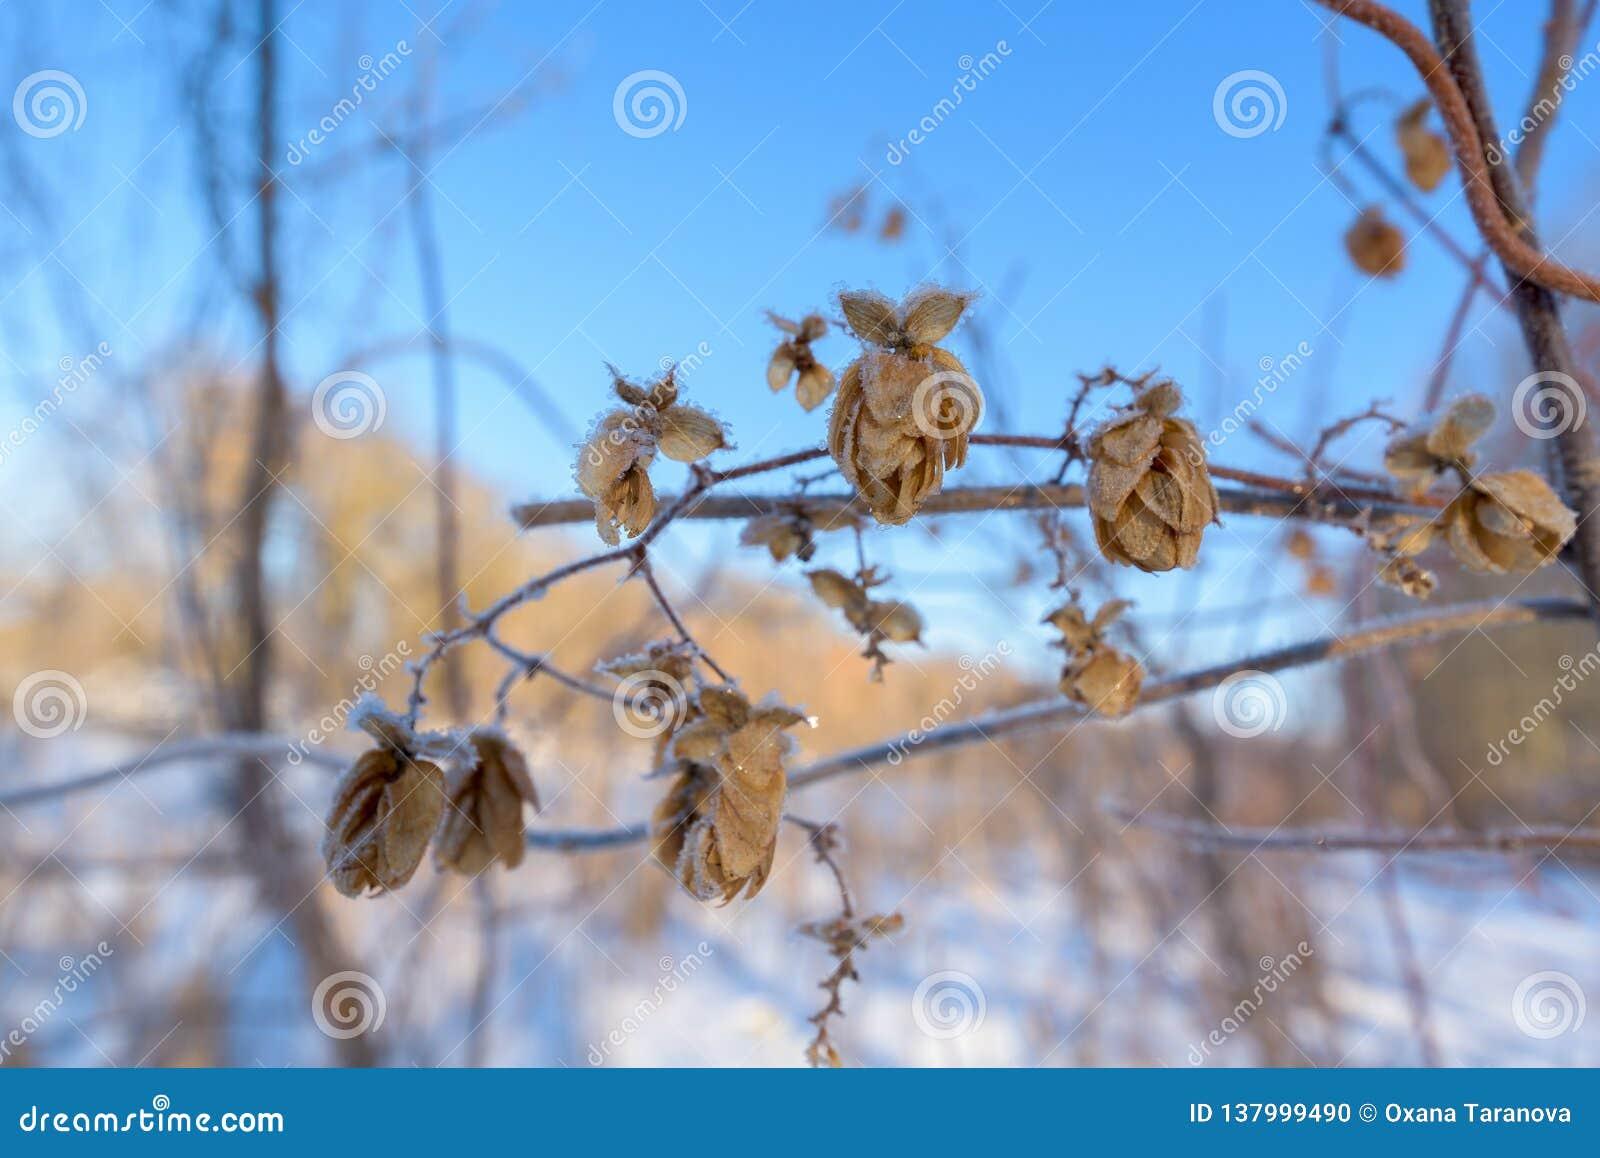 Κώνοι λυκίσκου που καλύπτονται με τον πάγο ενάντια στο μπλε ουρανό, παγωμένη ημέρα